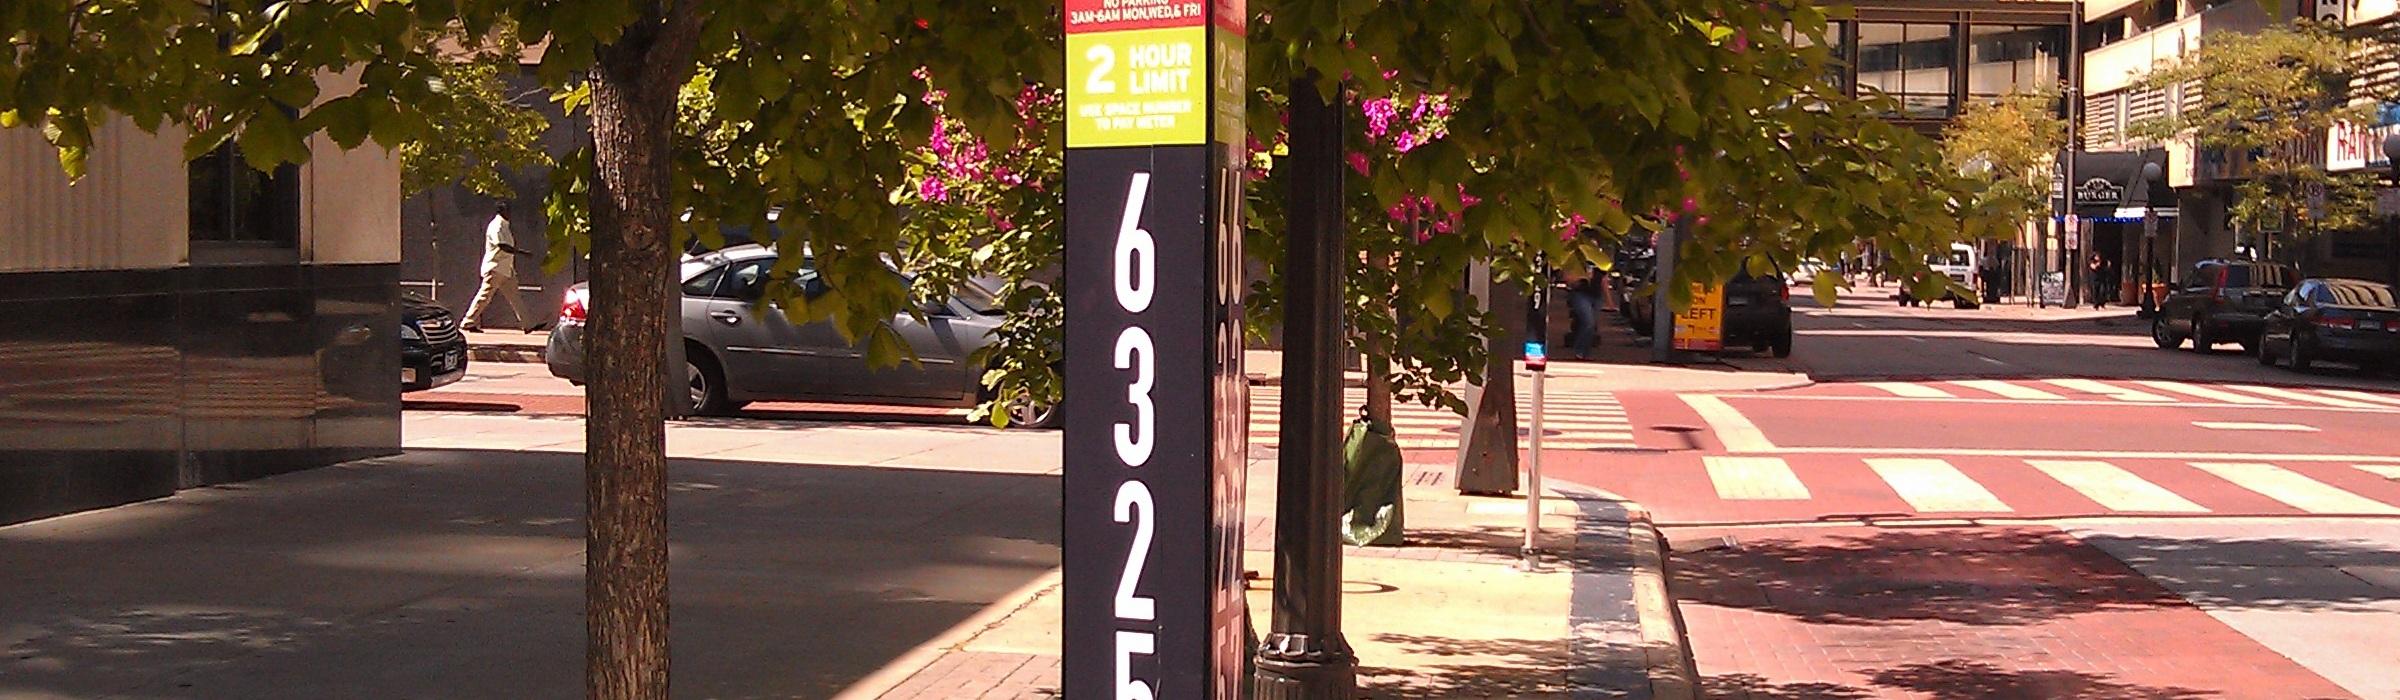 City of Saint Paul Metered Parking